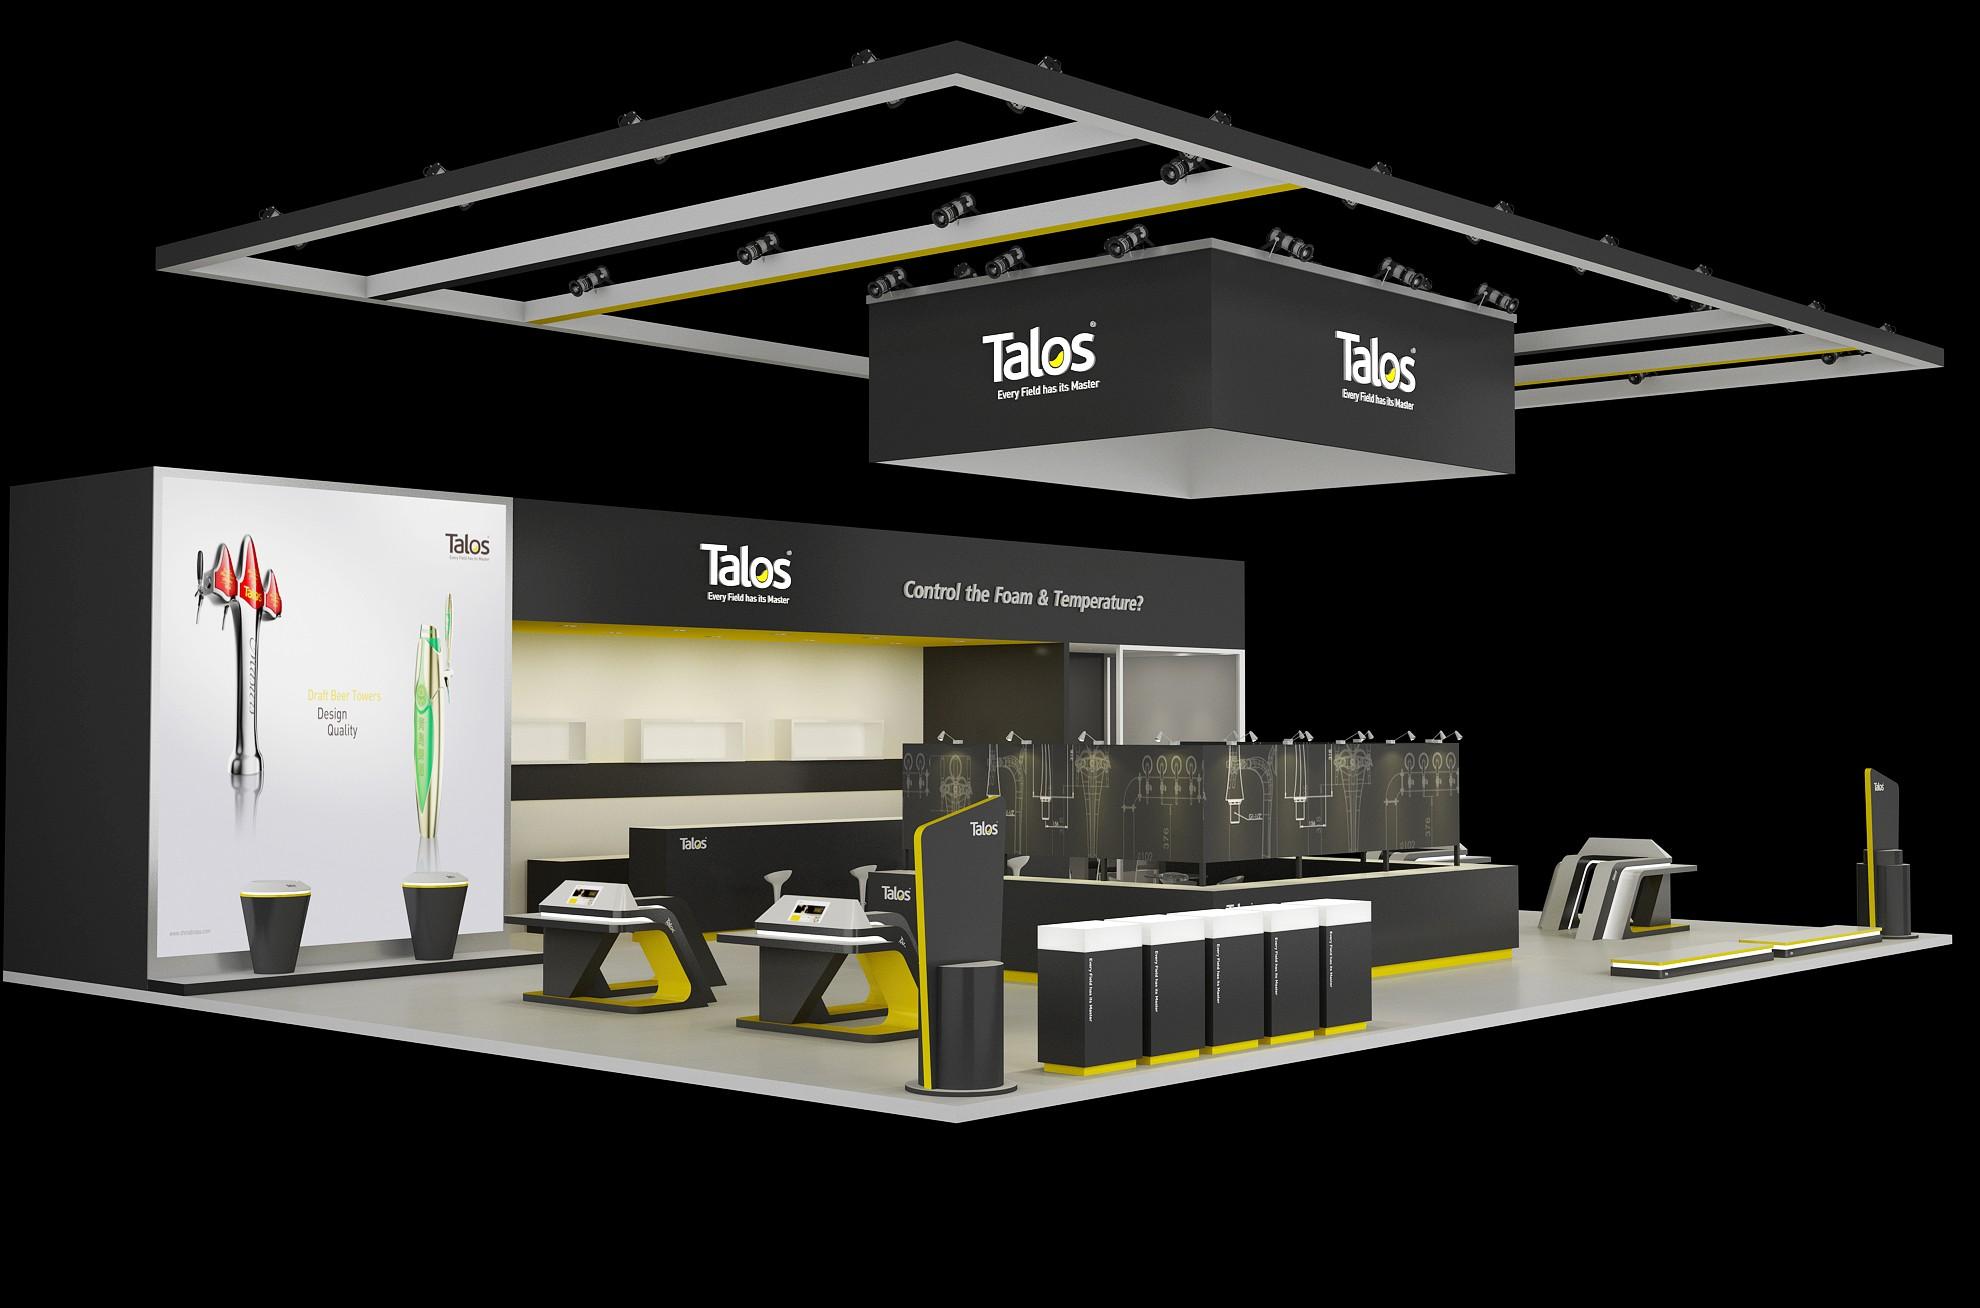 工业品品牌展览展厅设计-塔罗斯a4bbdc0ff907d424e712a7588c2e810e